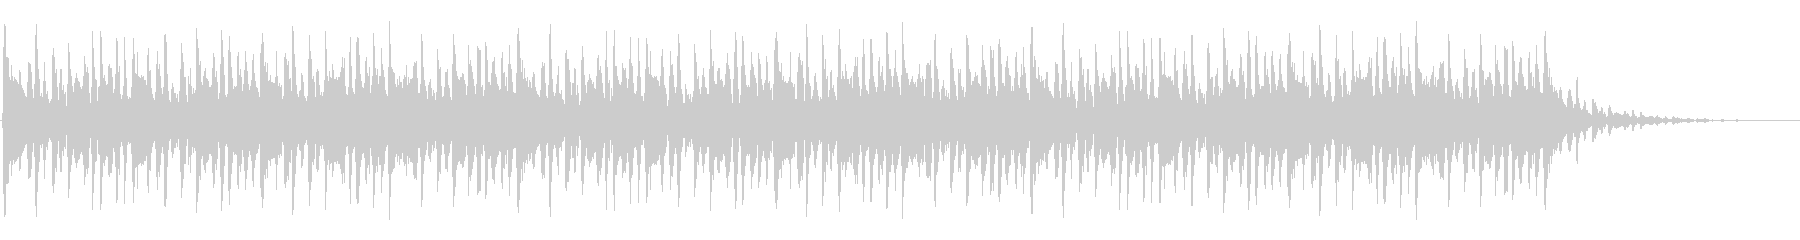 ショートBGM:ファンク-Bの未再生の波形